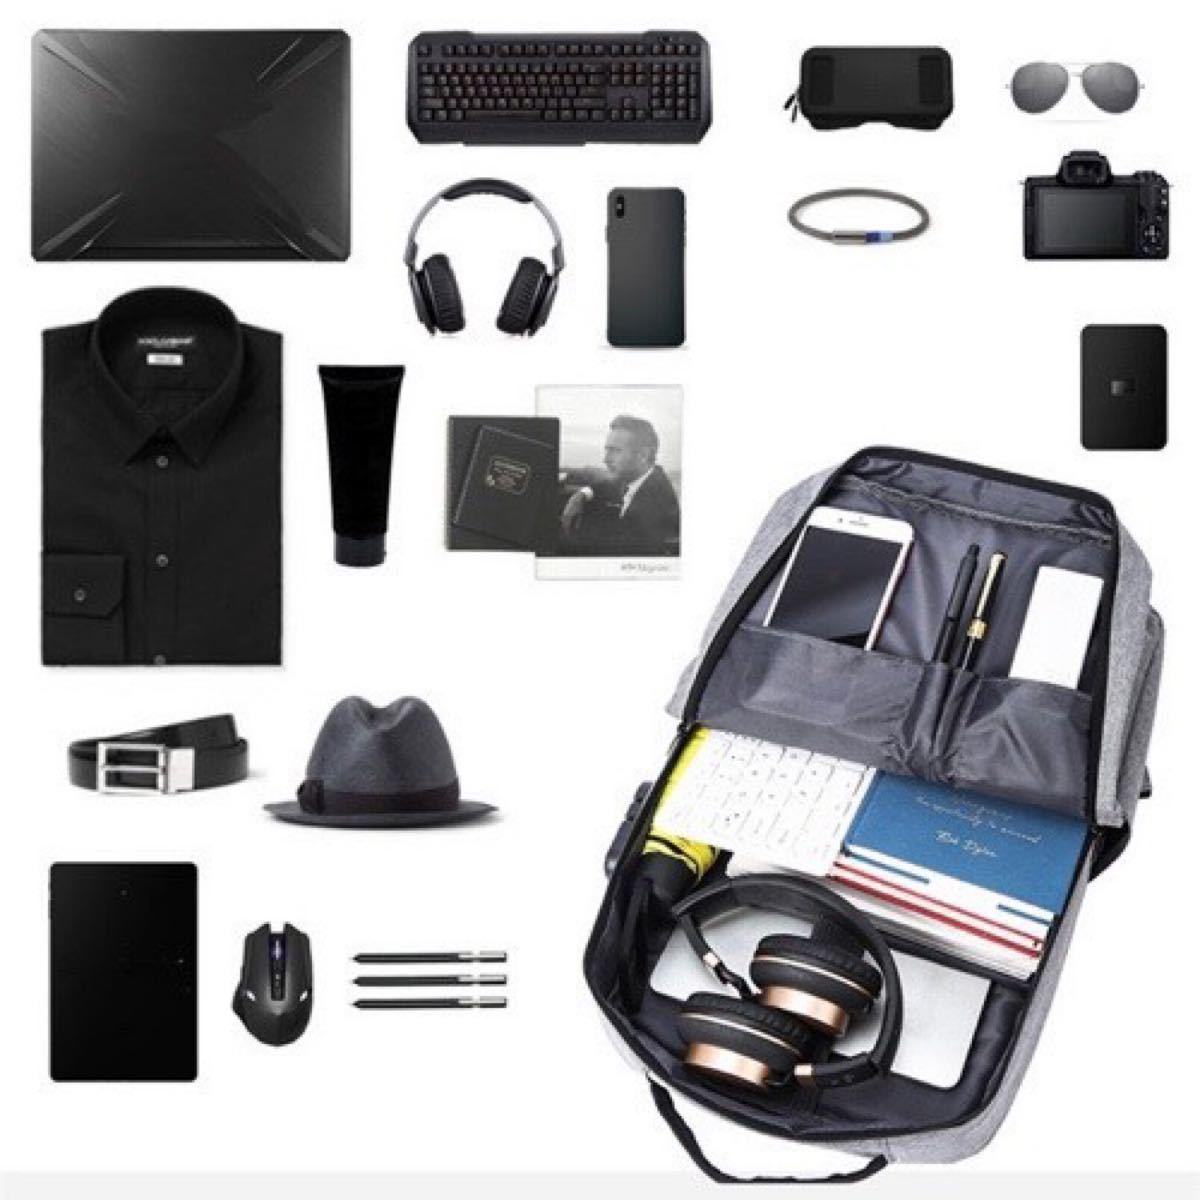 新品 USB充電ポート付きリュック 盗難防止ロック付きバックパック  大容量  多機能  ビジネスリュック グレー